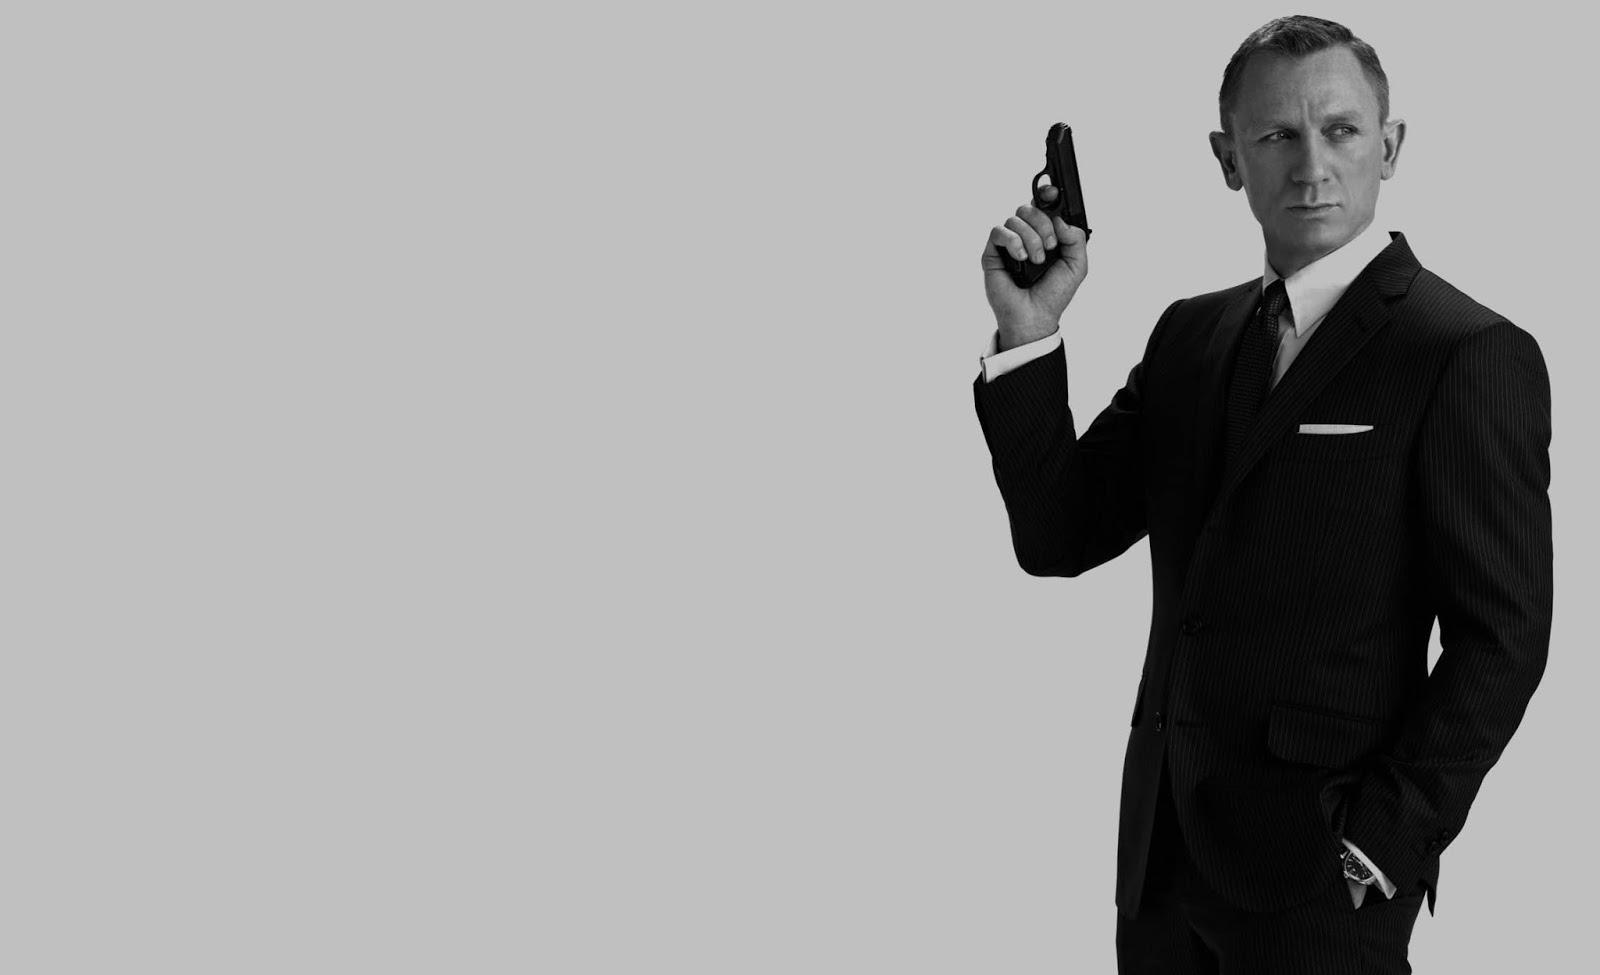 Daniel Craig volverá a ser James Bond al menos una película más